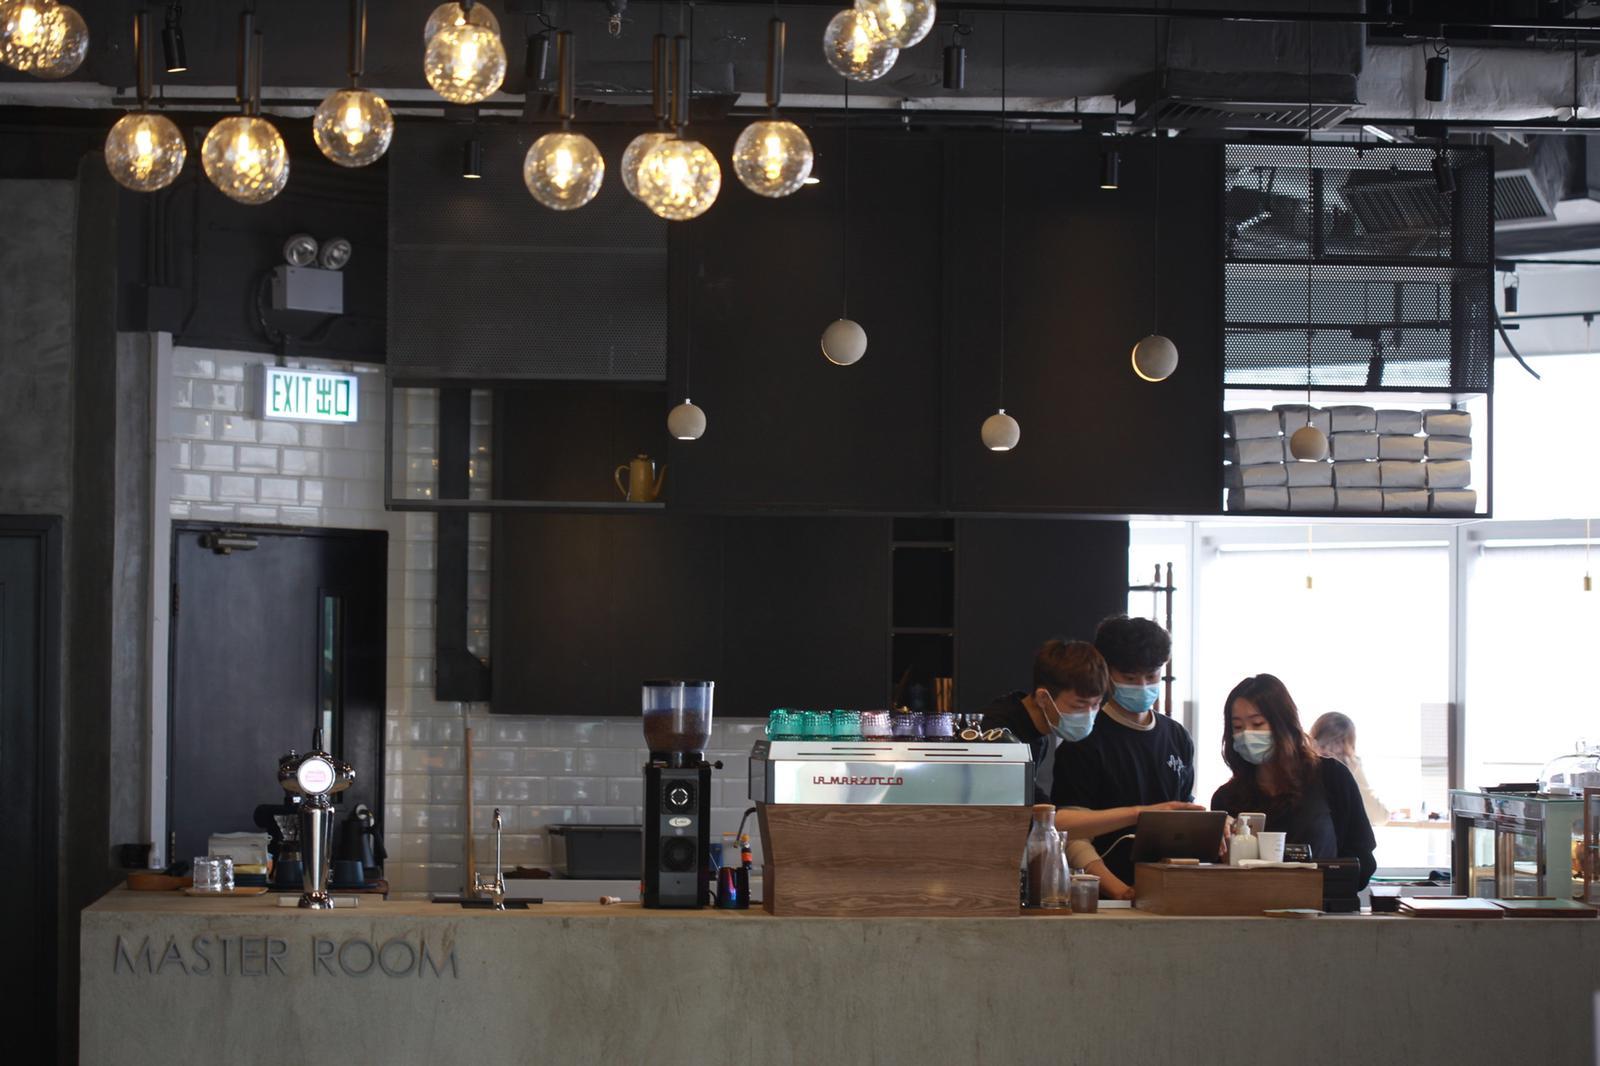 觀塘 Master Room Cafe One Little Room 咖啡